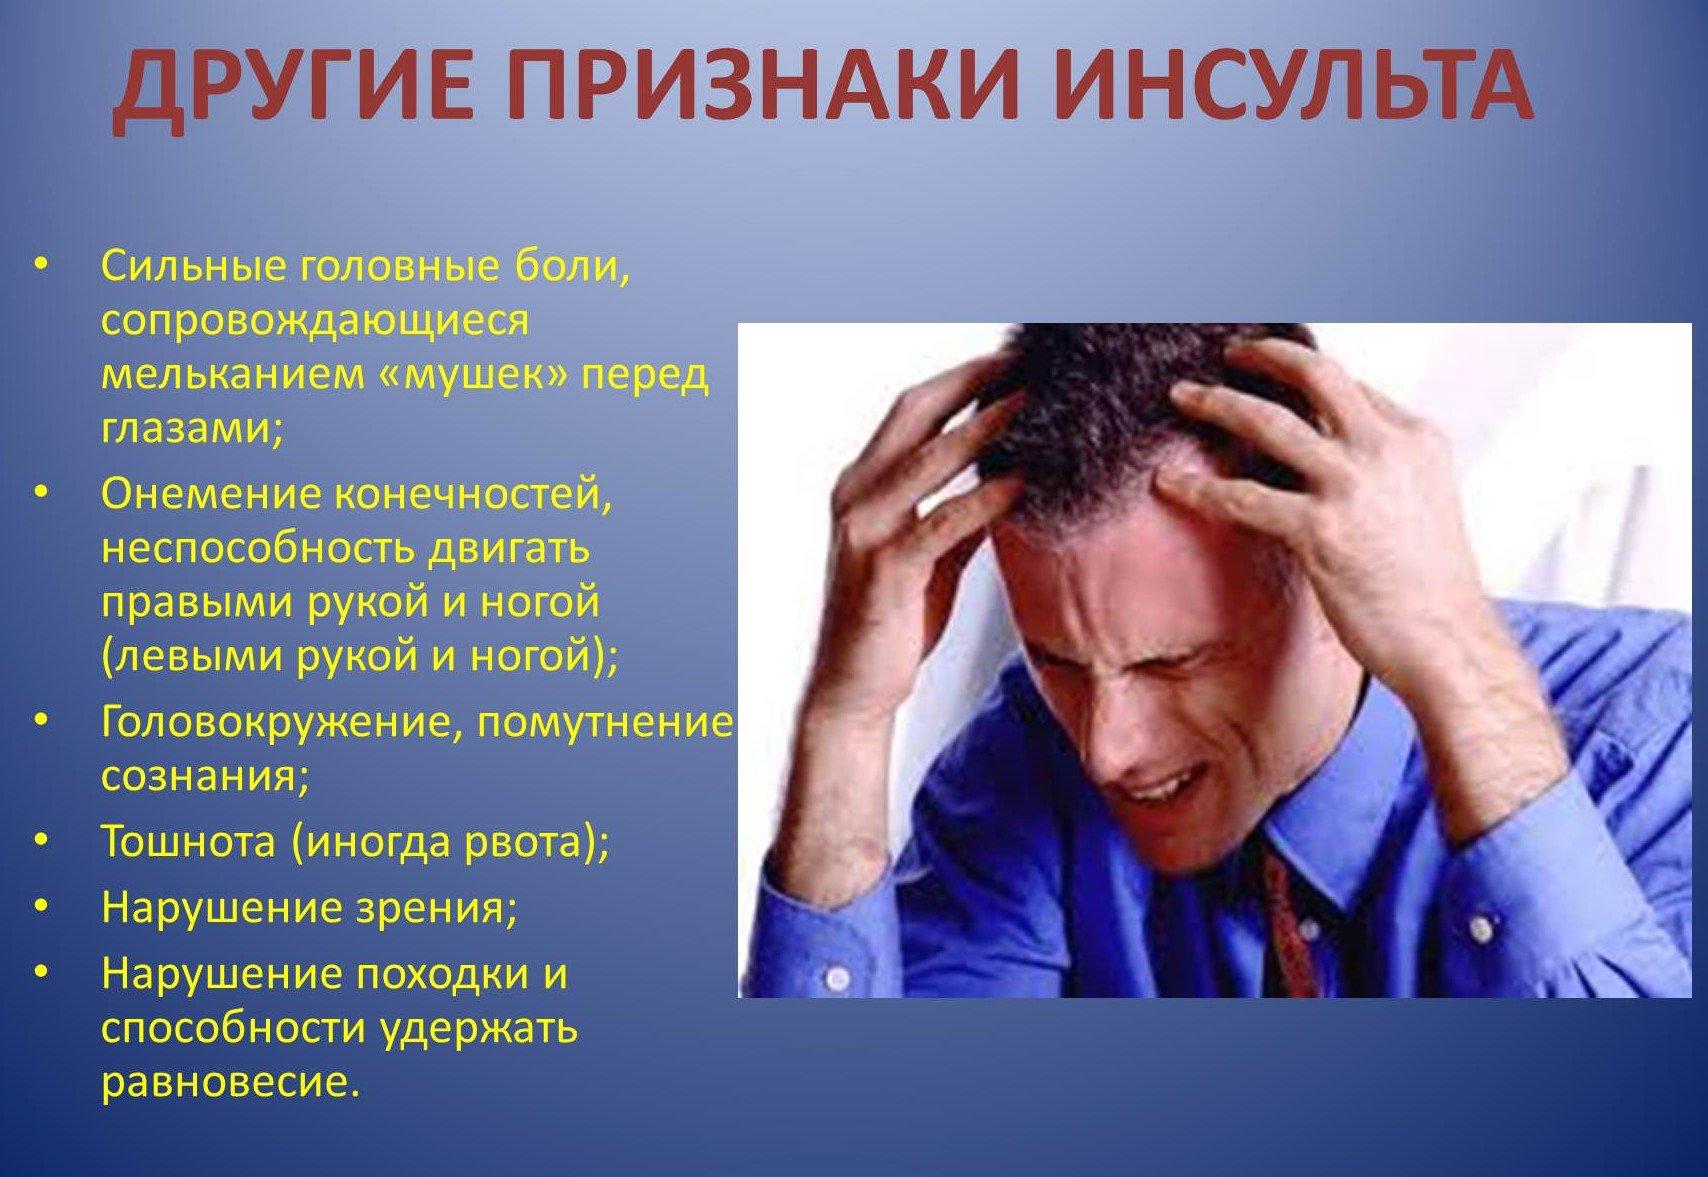 симптомы признаки инсульта у мужчин фото круглосуточно, предоставляем